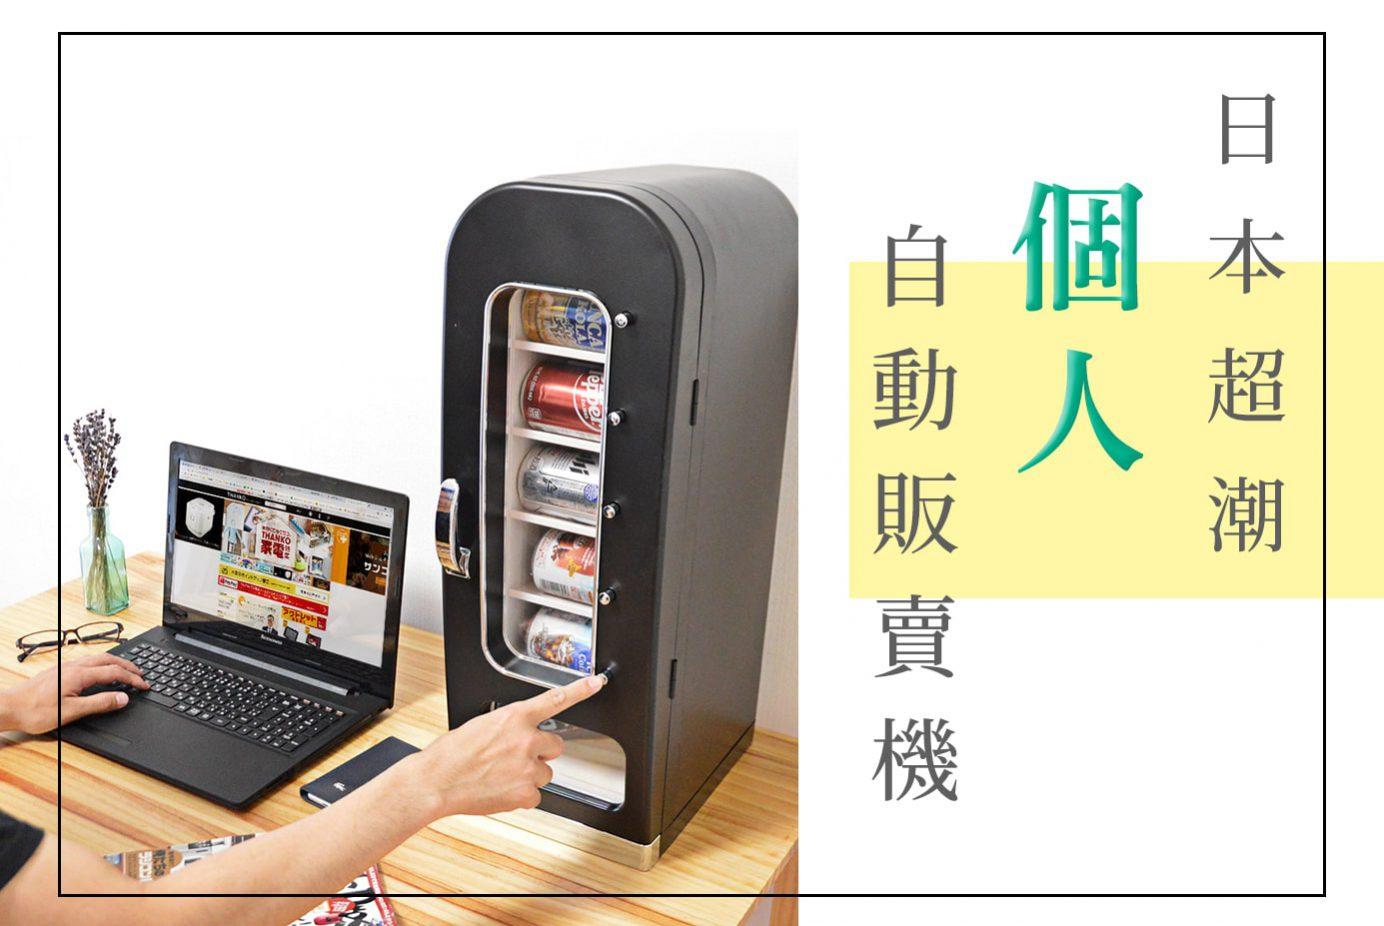 日本超質感迷你自動販賣機,在家隨時讓你消消暑,還能帶去野餐露營有夠潮!